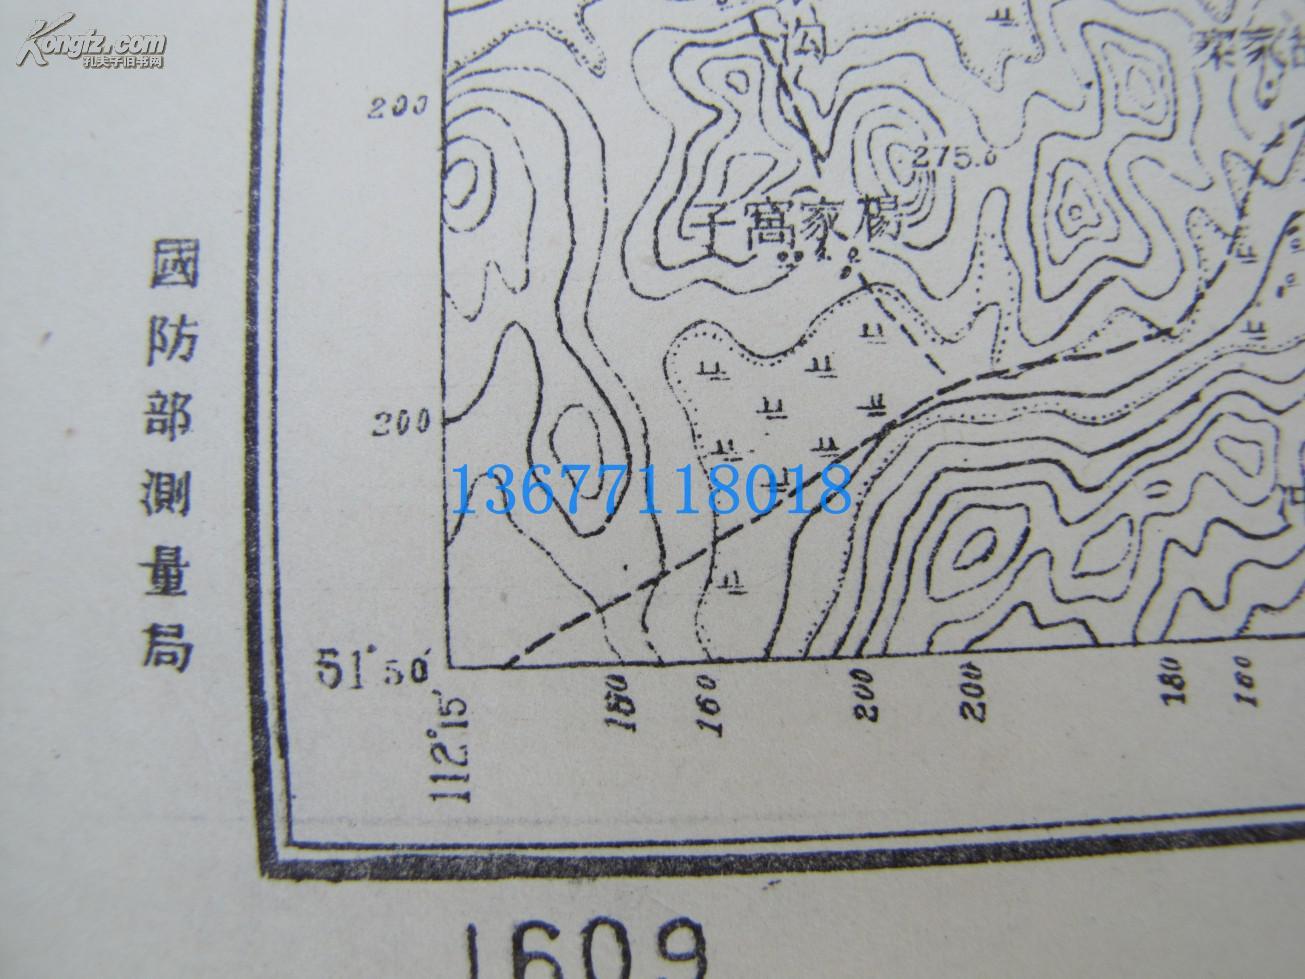 民国(国军)地图(181)~~湖北省襄阳县宜城县枣阳县